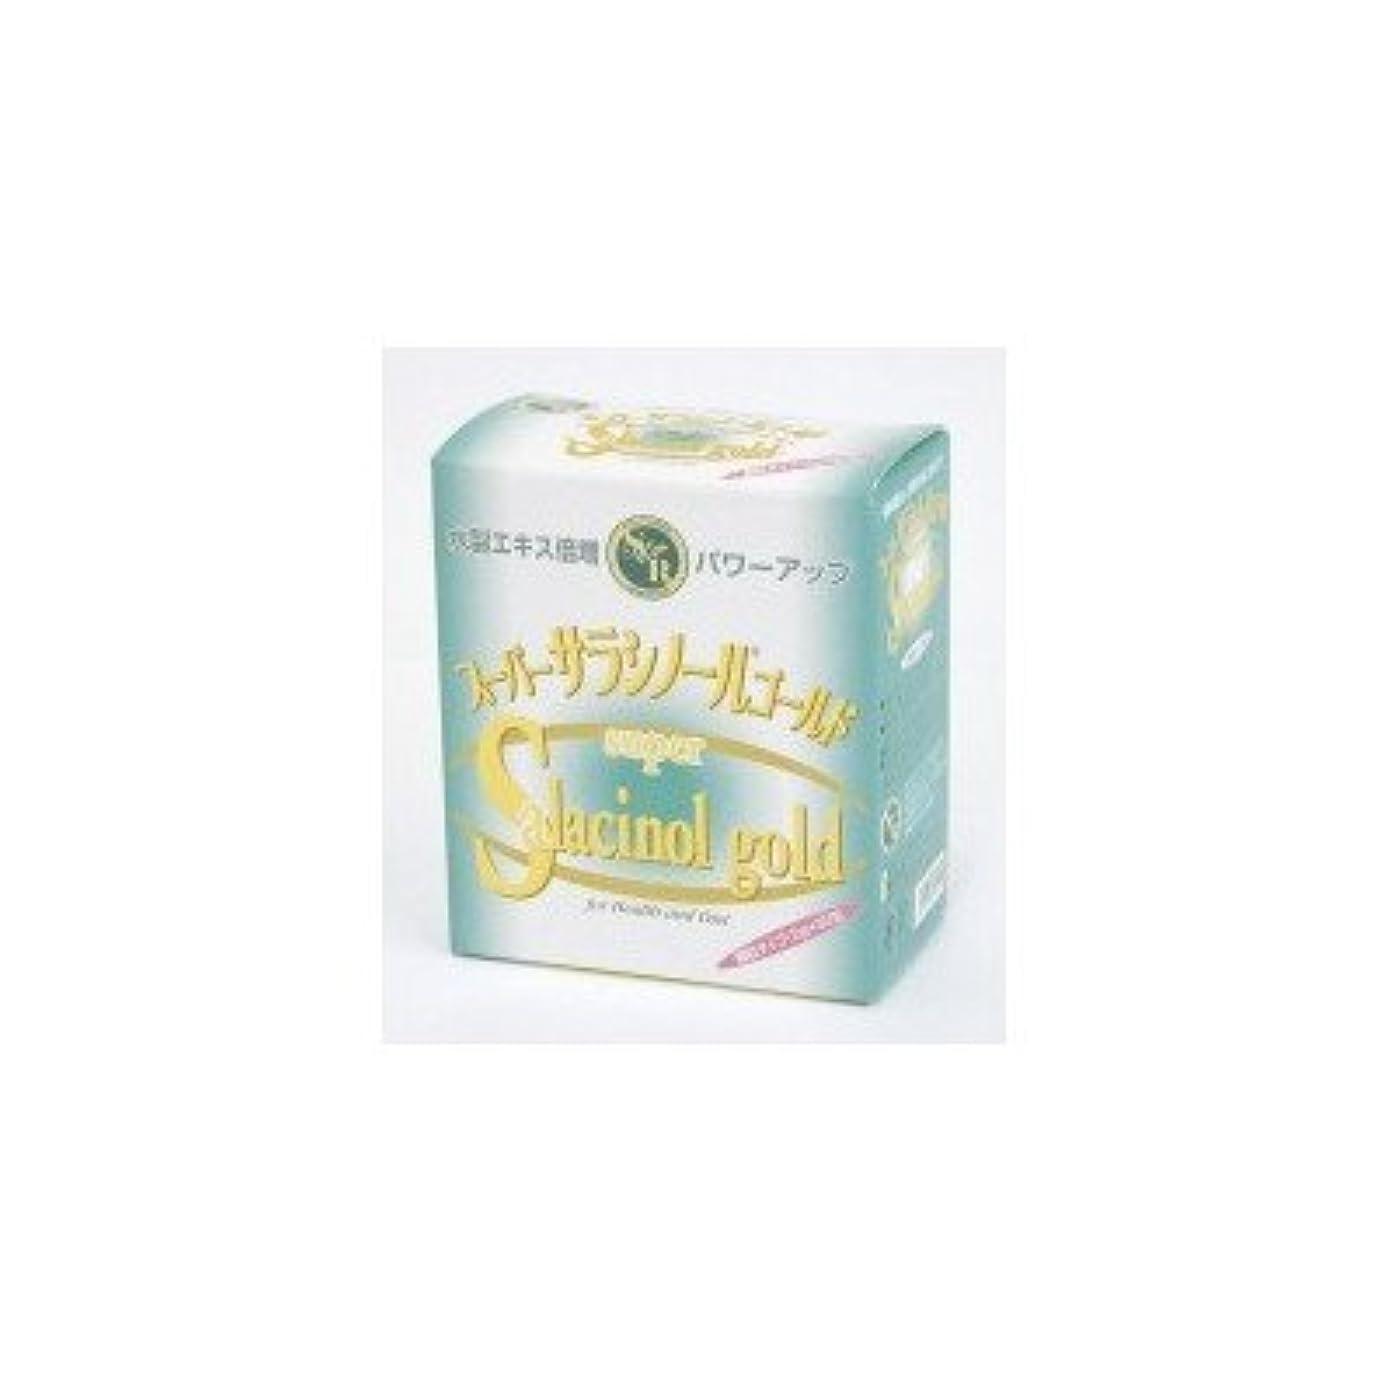 差別ペイント輸送ジャパンヘルス スーパーサラシノールゴールド 2g×30包